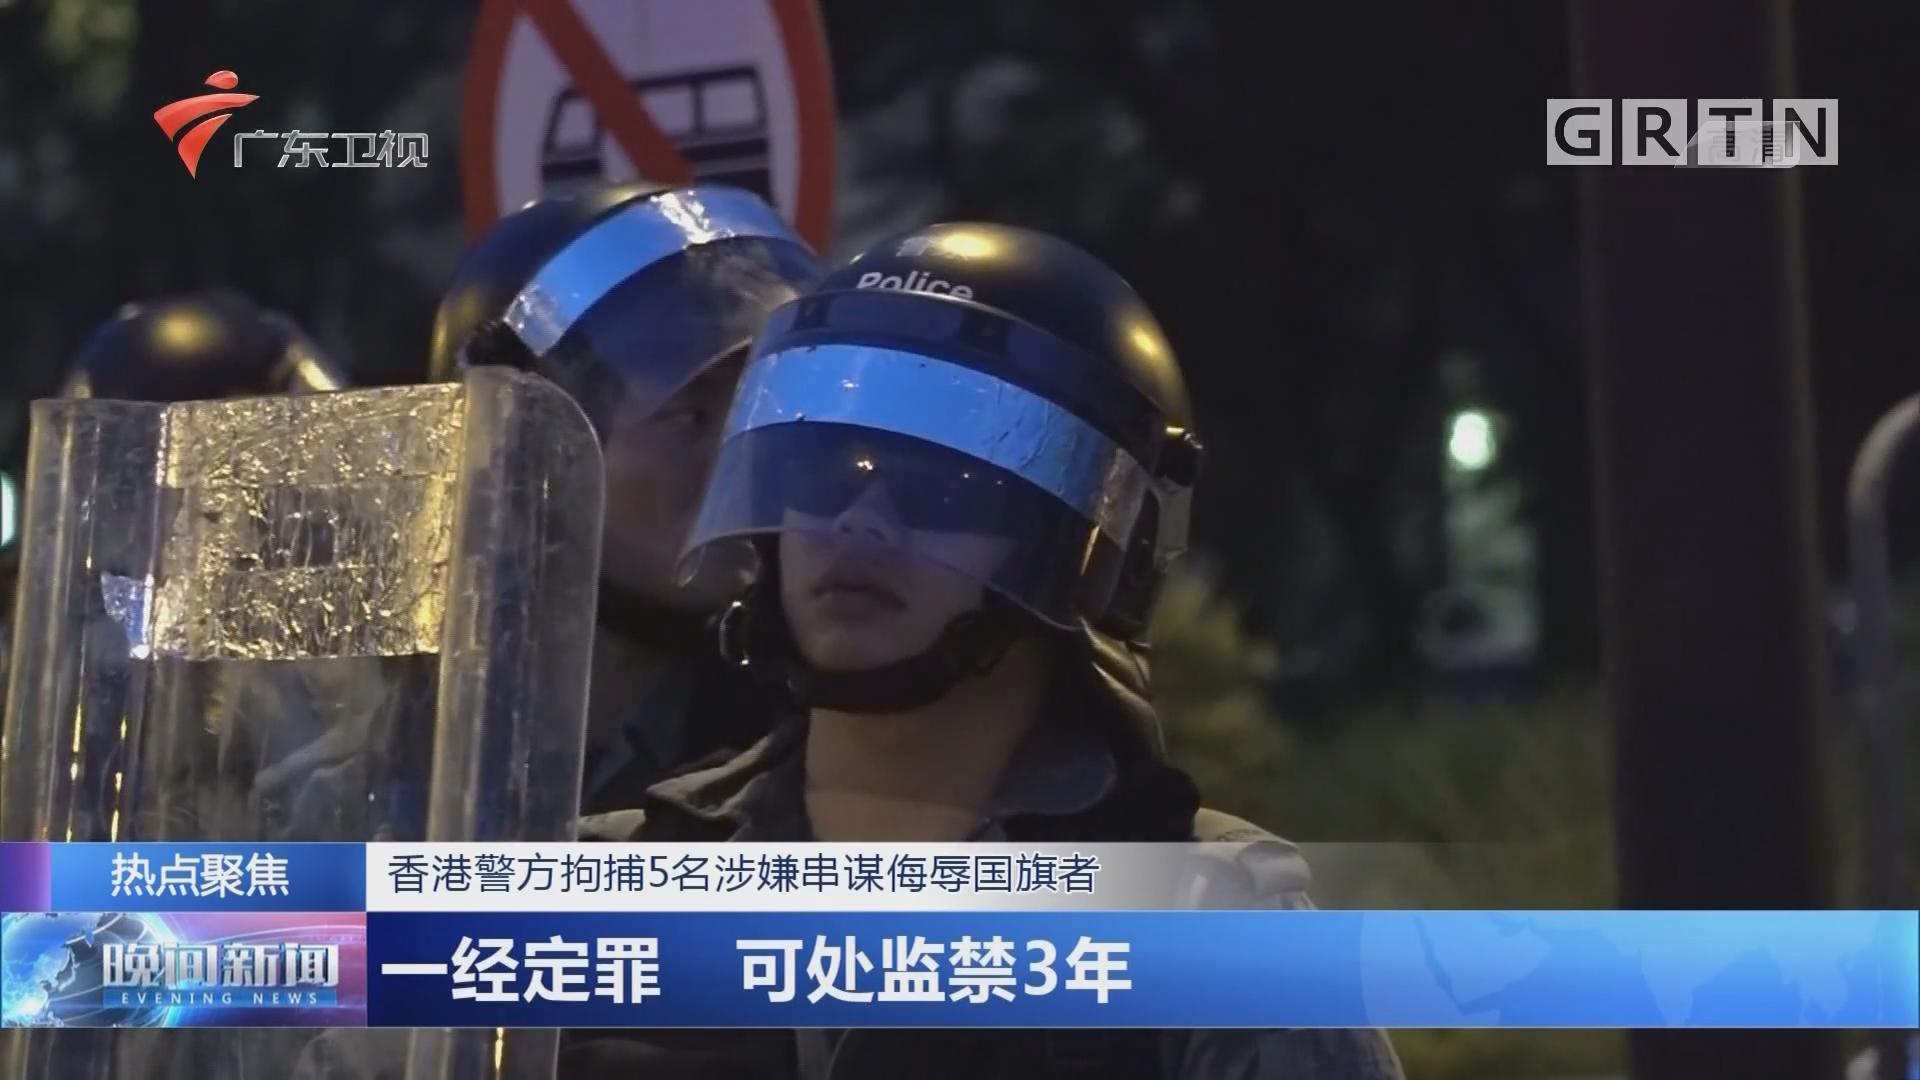 香港警方拘捕5名涉嫌串谋侮辱国旗者:一经定罪 可处监禁3年